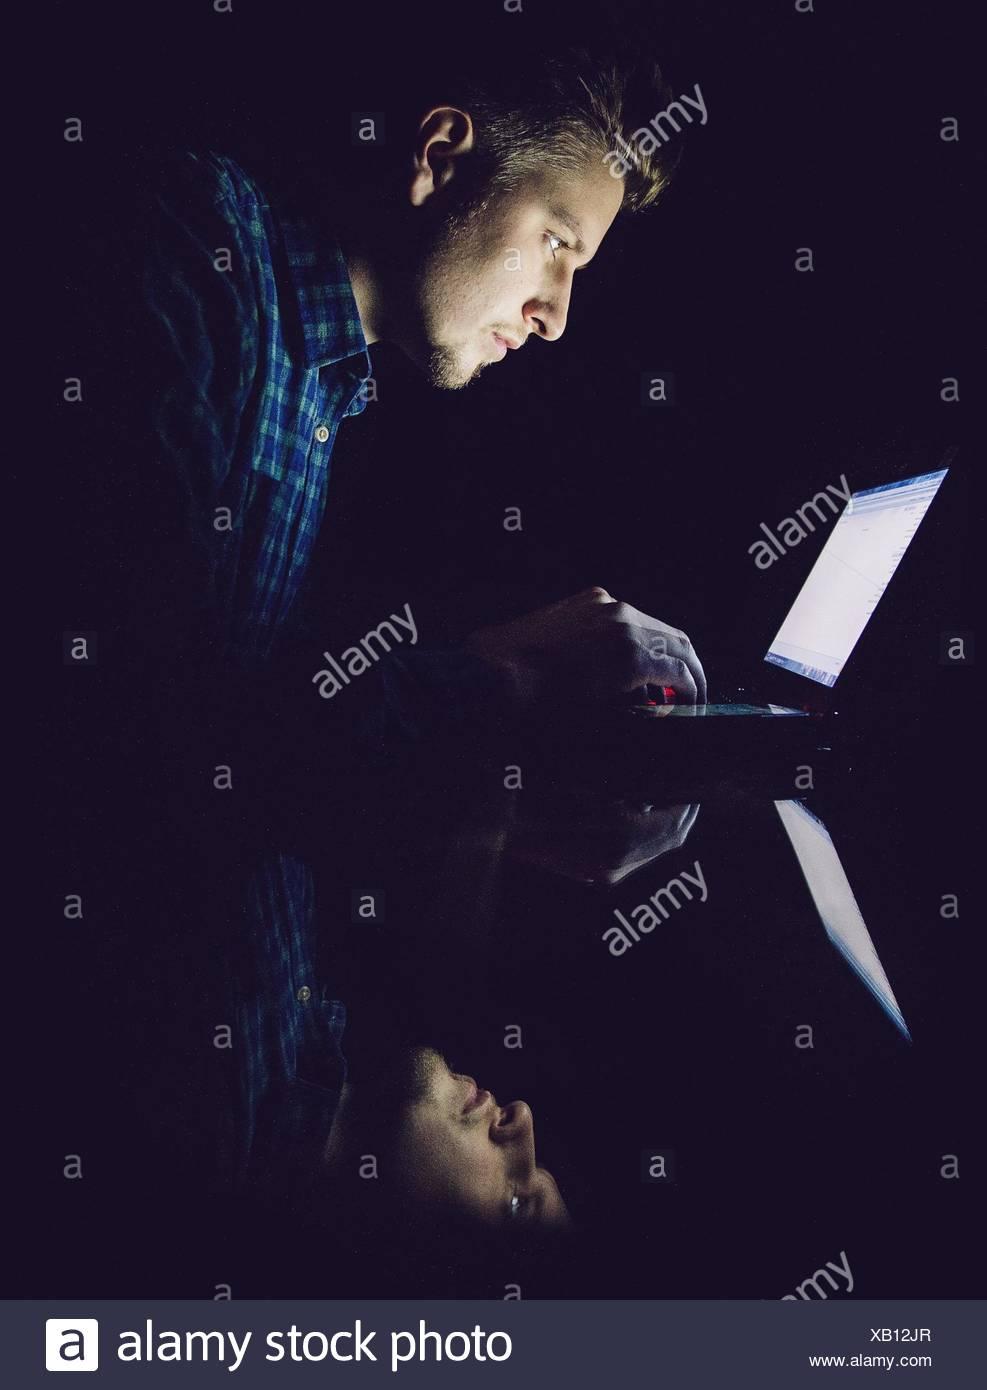 Reflet de jeune homme sur le verre pendant l'utilisation d'ordinateur portable en chambre noire Photo Stock